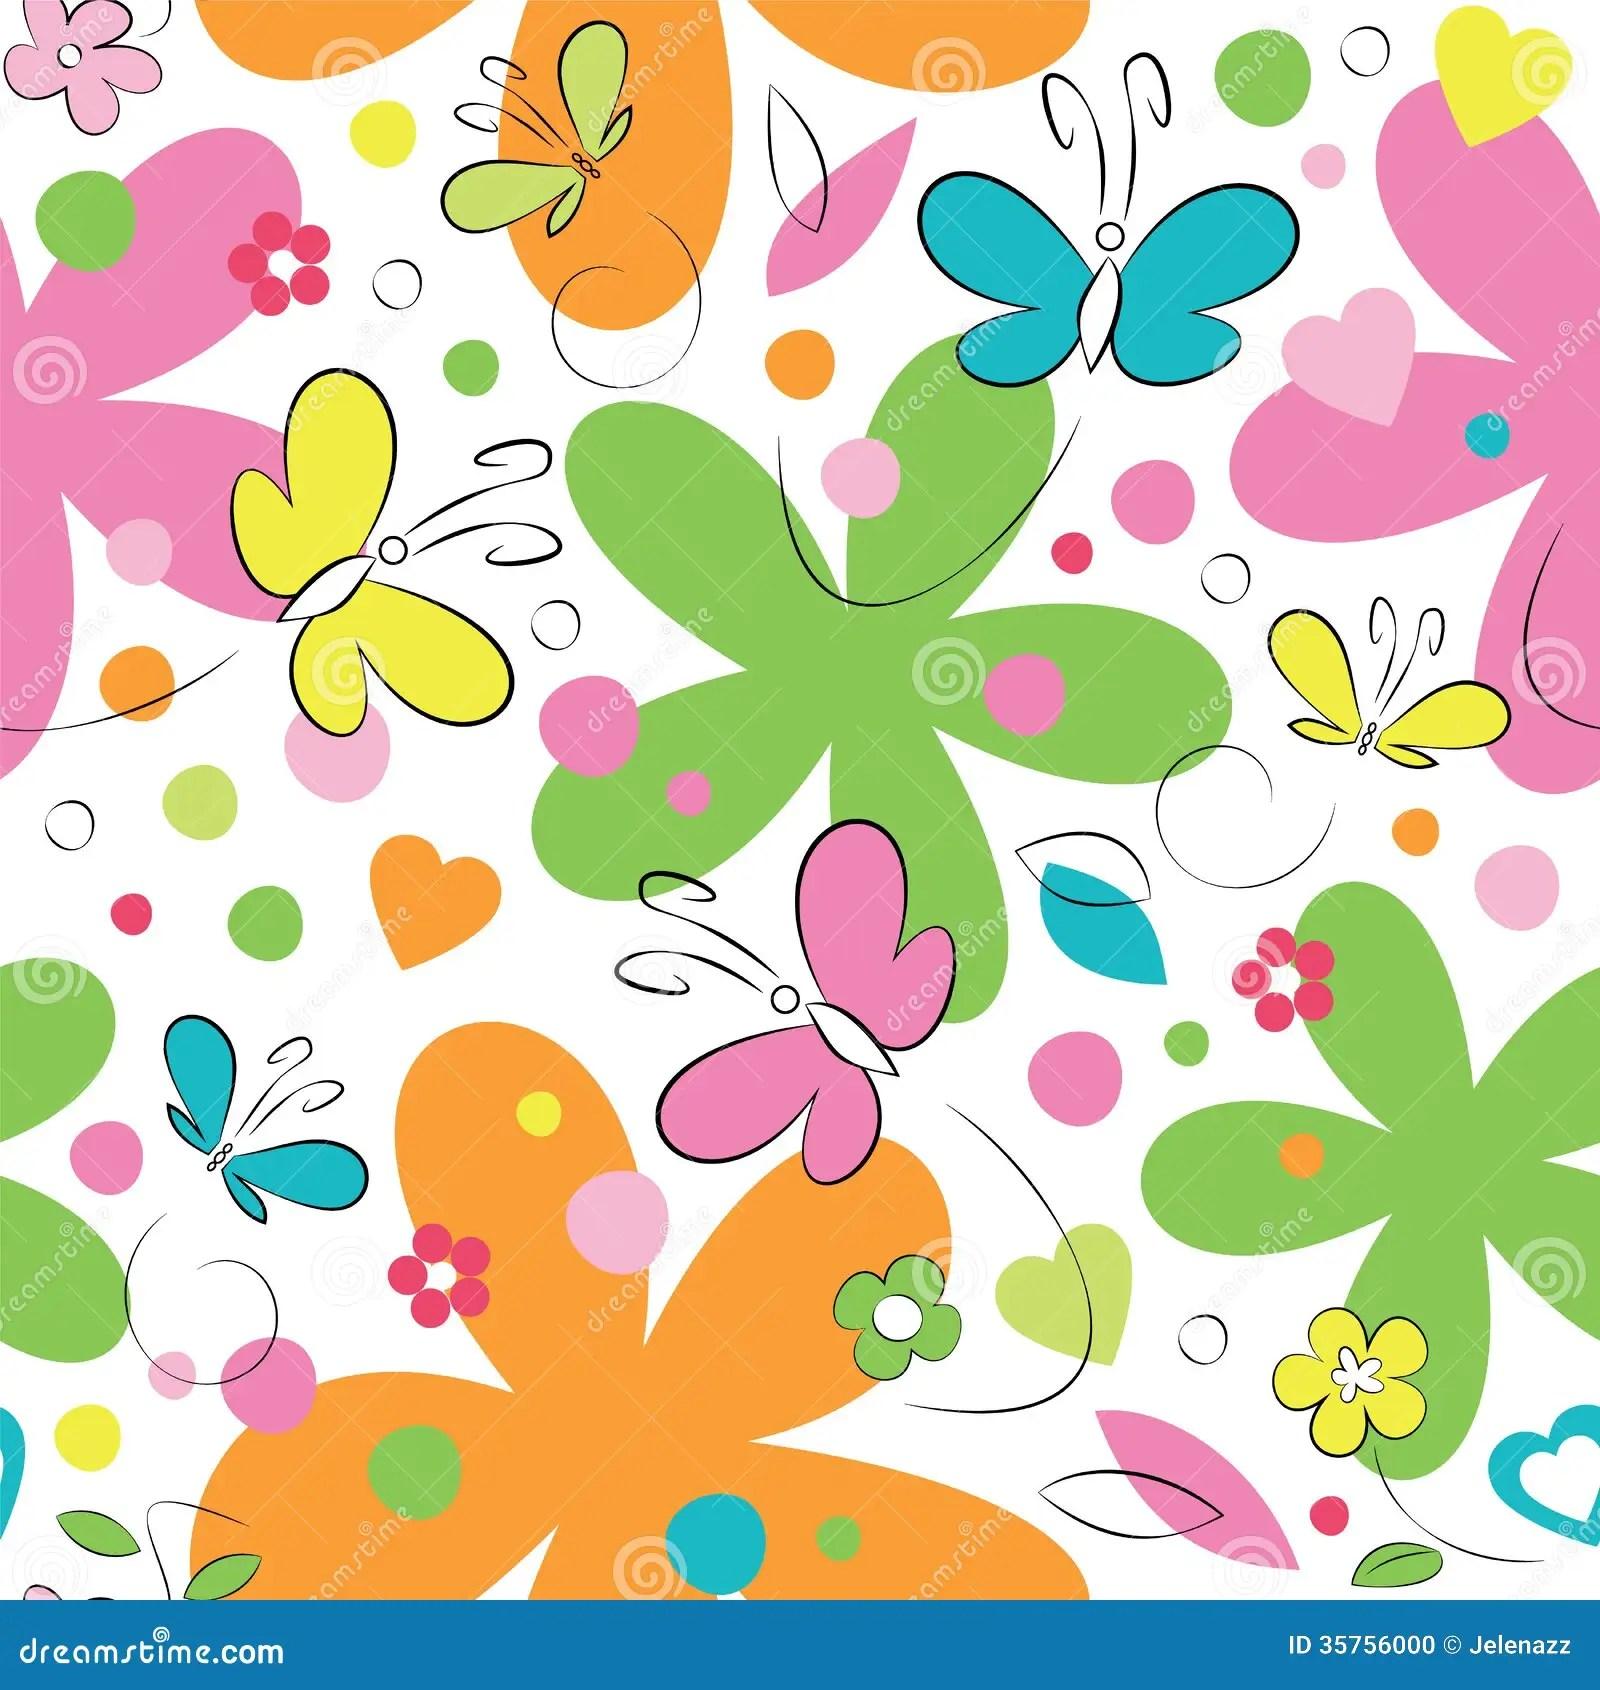 Cartoon Spring Flowers And Butterflies